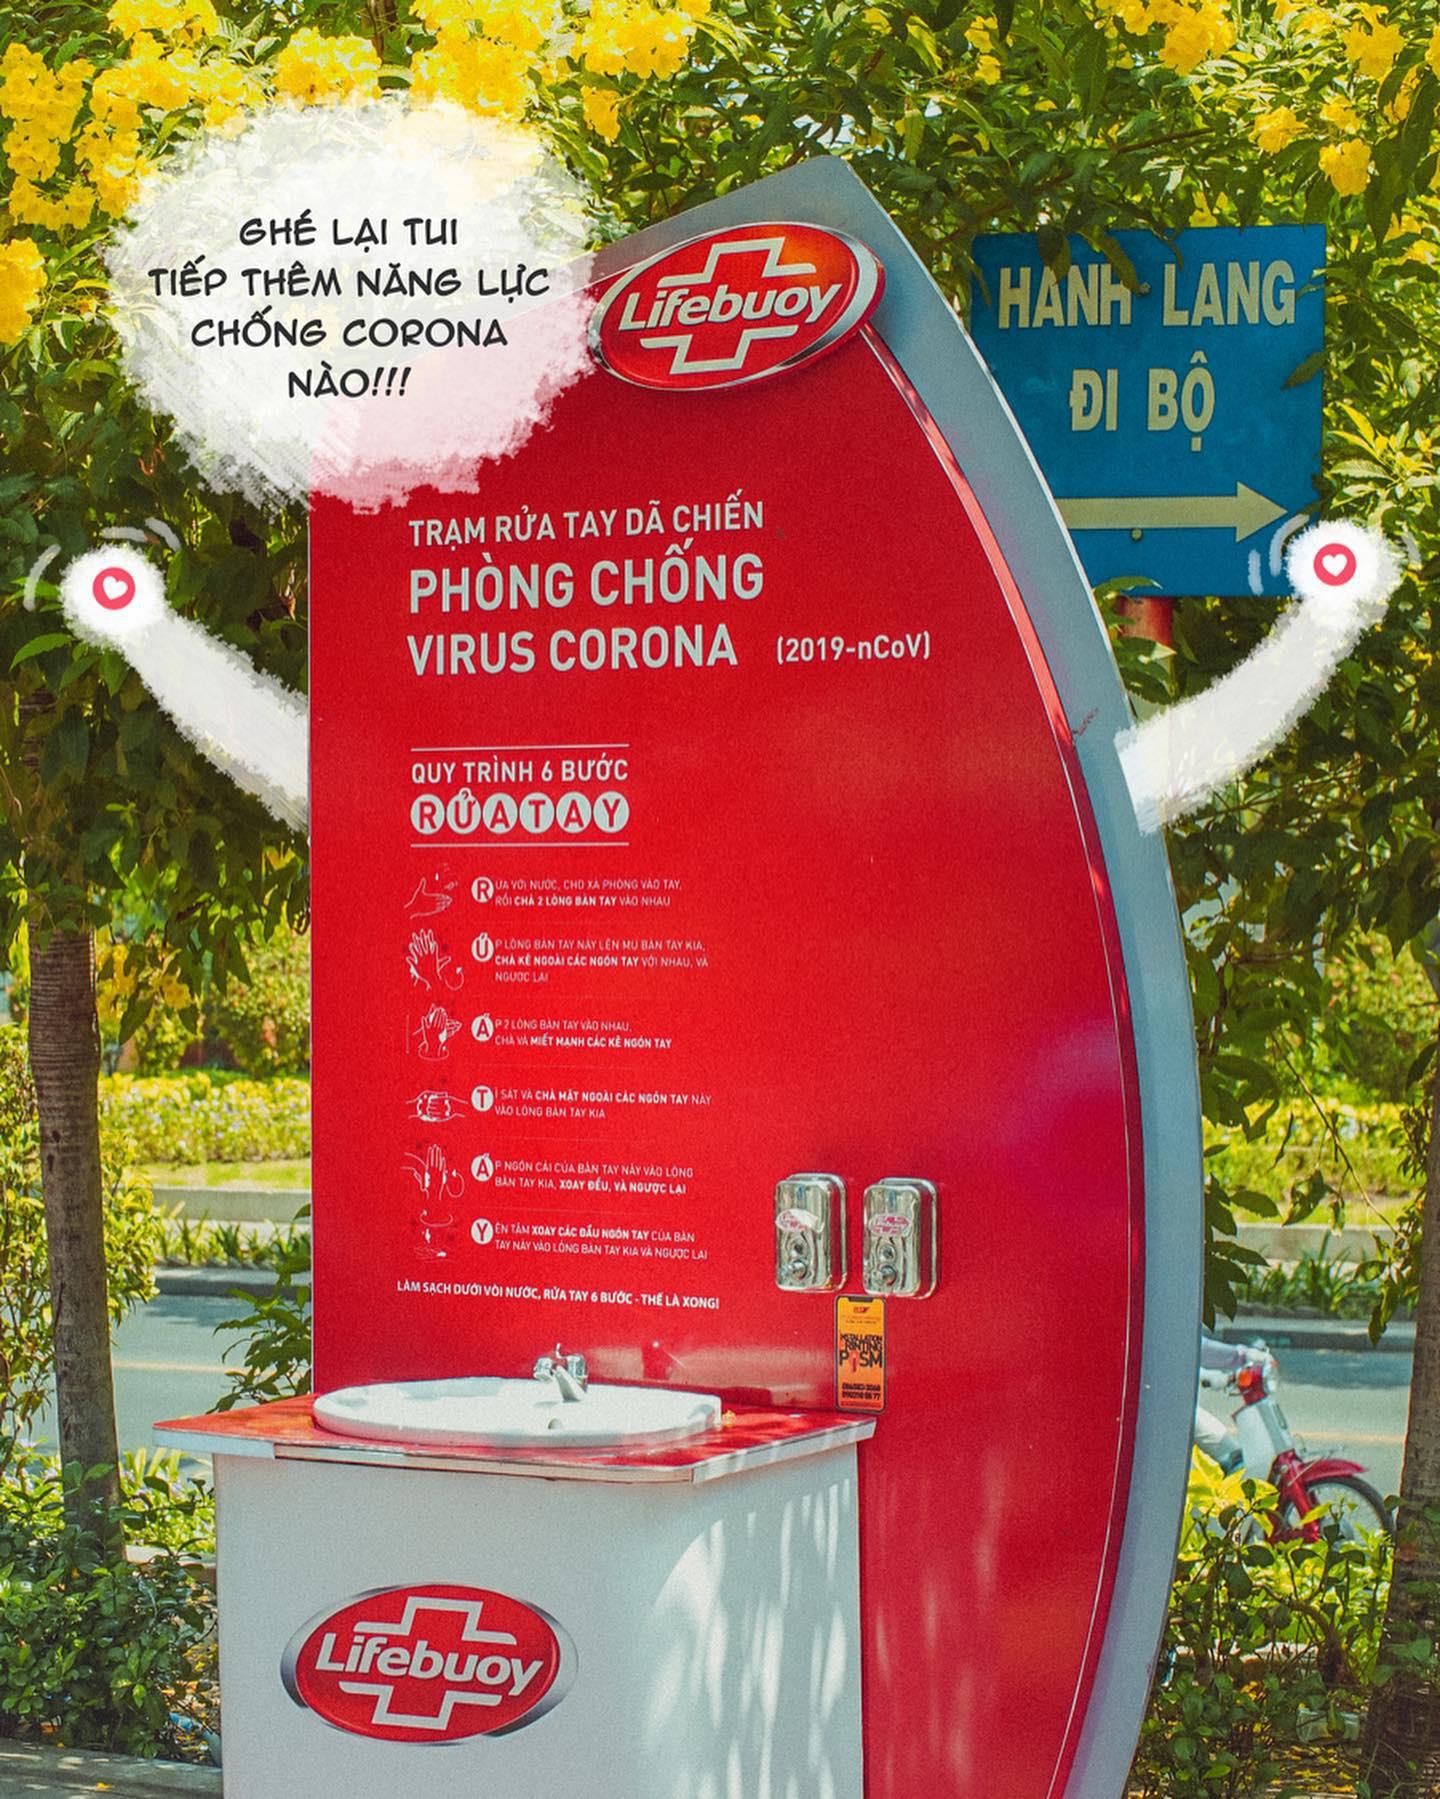 """Những trạm rửa tay miễn phí """"nhìn thấy thương lắm"""" mùa chống dịch - Ảnh 3."""